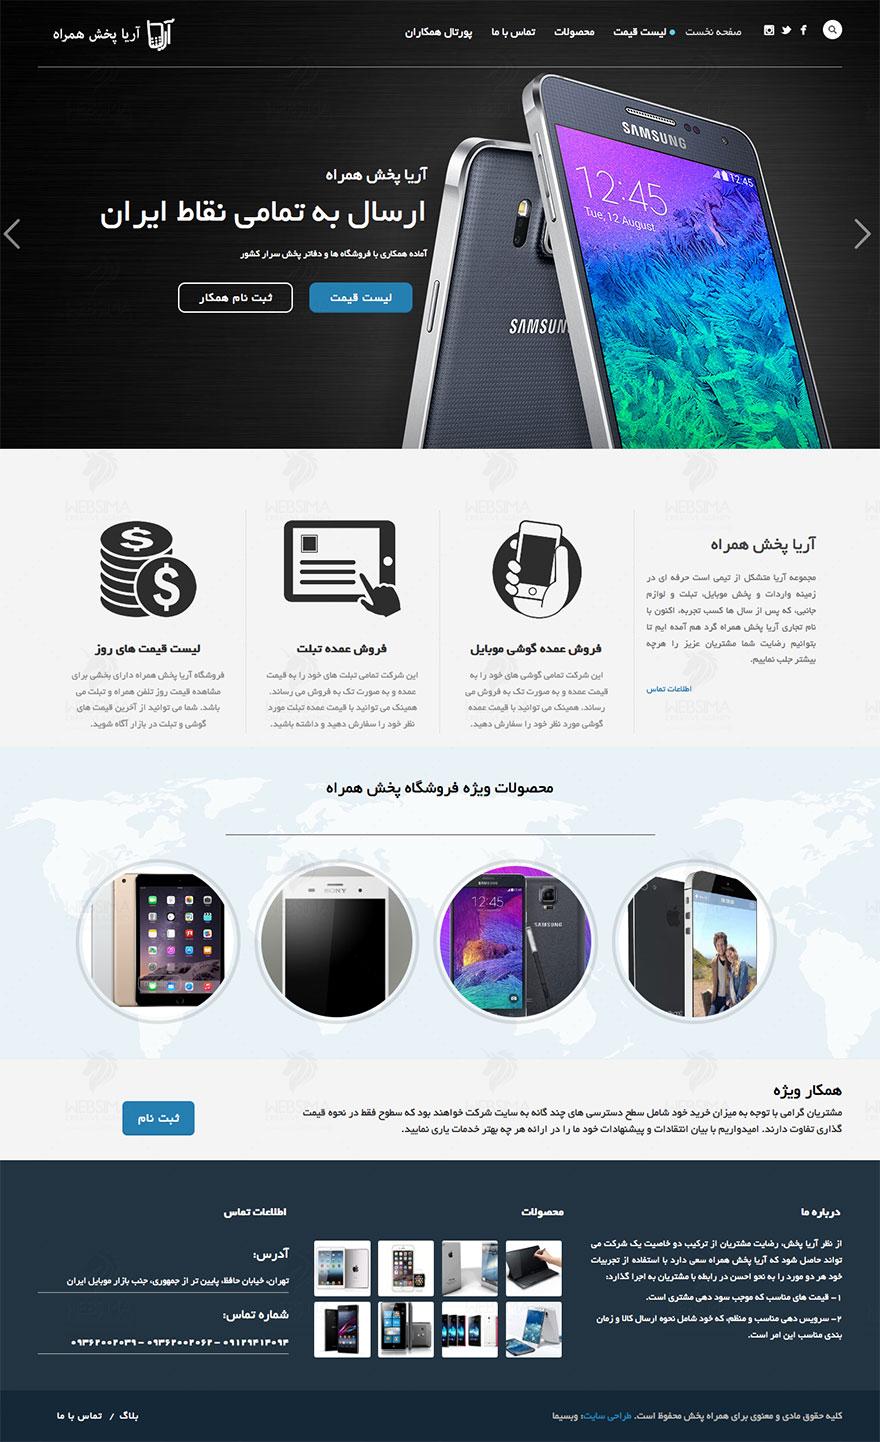 طراحی صفحه اصلی سایت فروشگاه موبایل